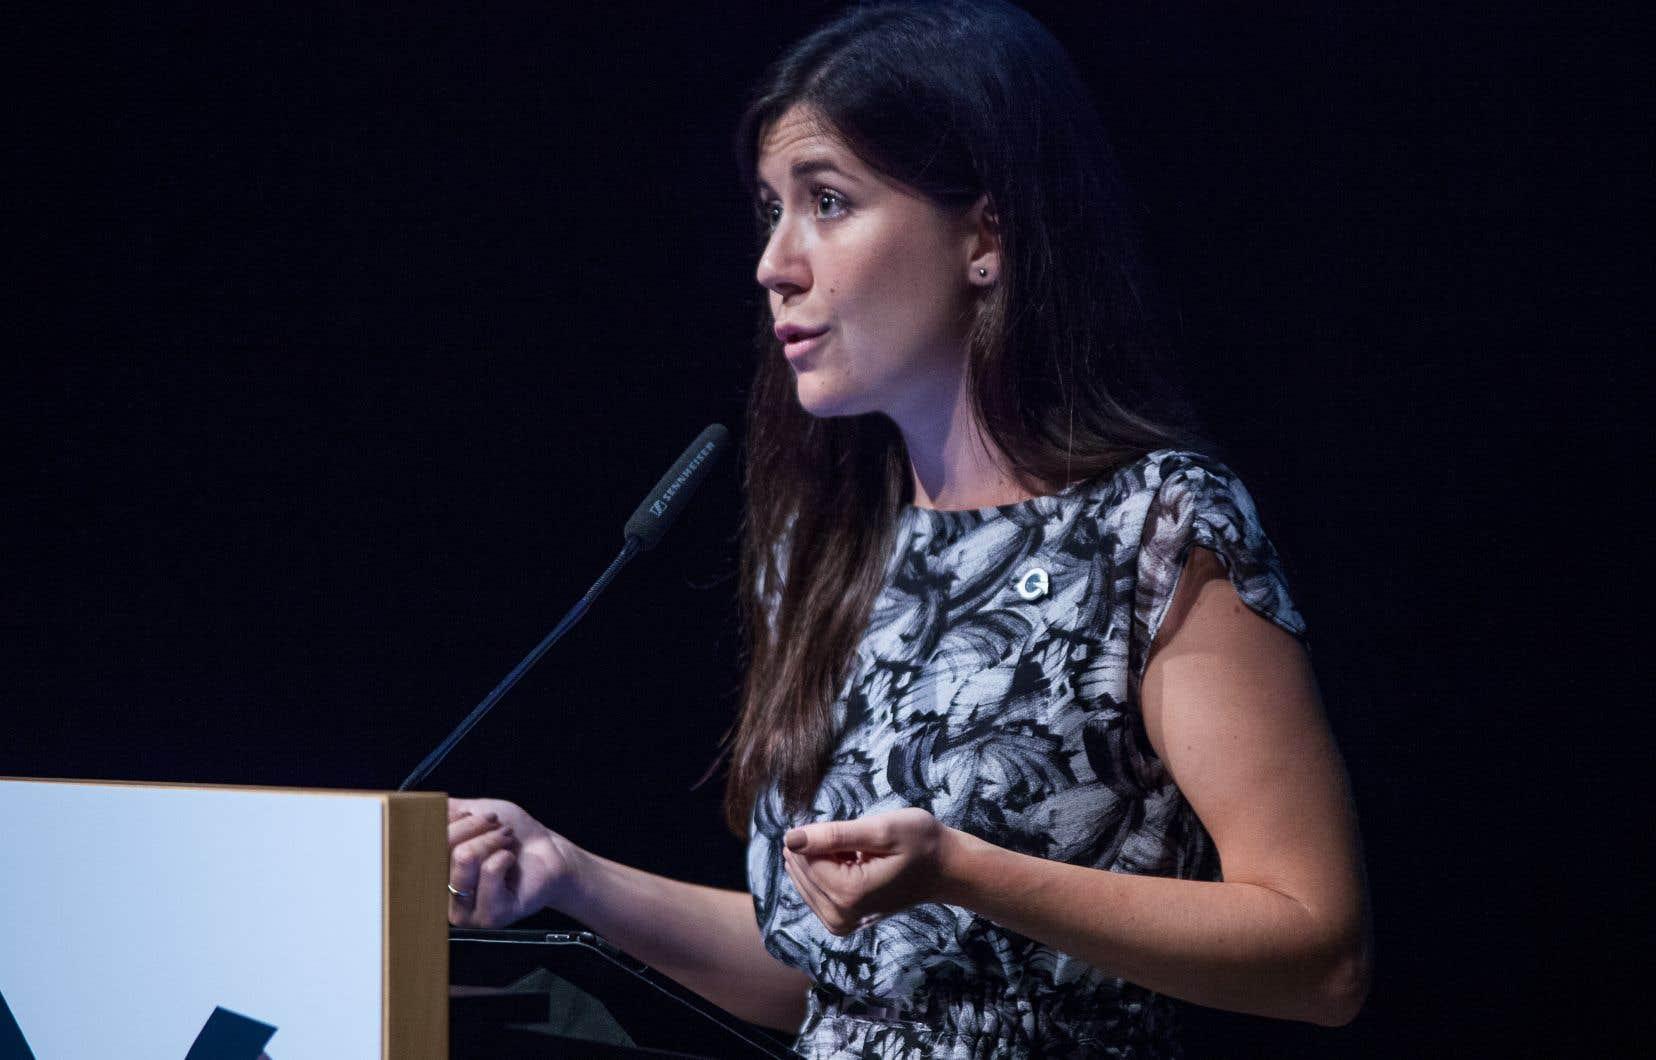 La députée de Marie-Victorin, Catherine Fournier, a convoqué la presse lundi avant-midi afin de «faire le point sur son avenir politique».